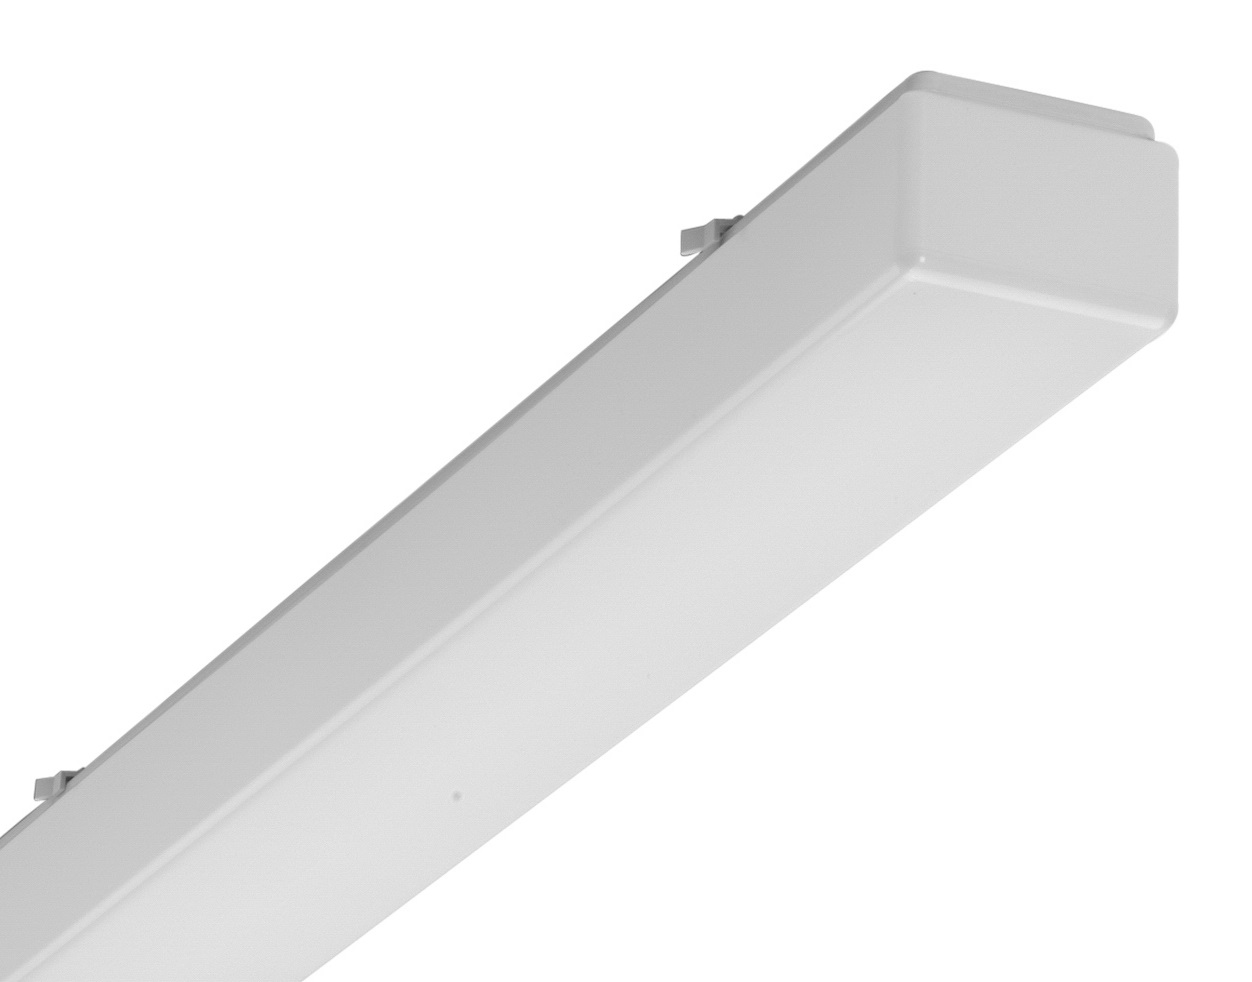 1 Stk AOTF-O T8 Wannenleuchte, 1x58W, EVG, IP50, acryl, opal, Weiß LI71231562